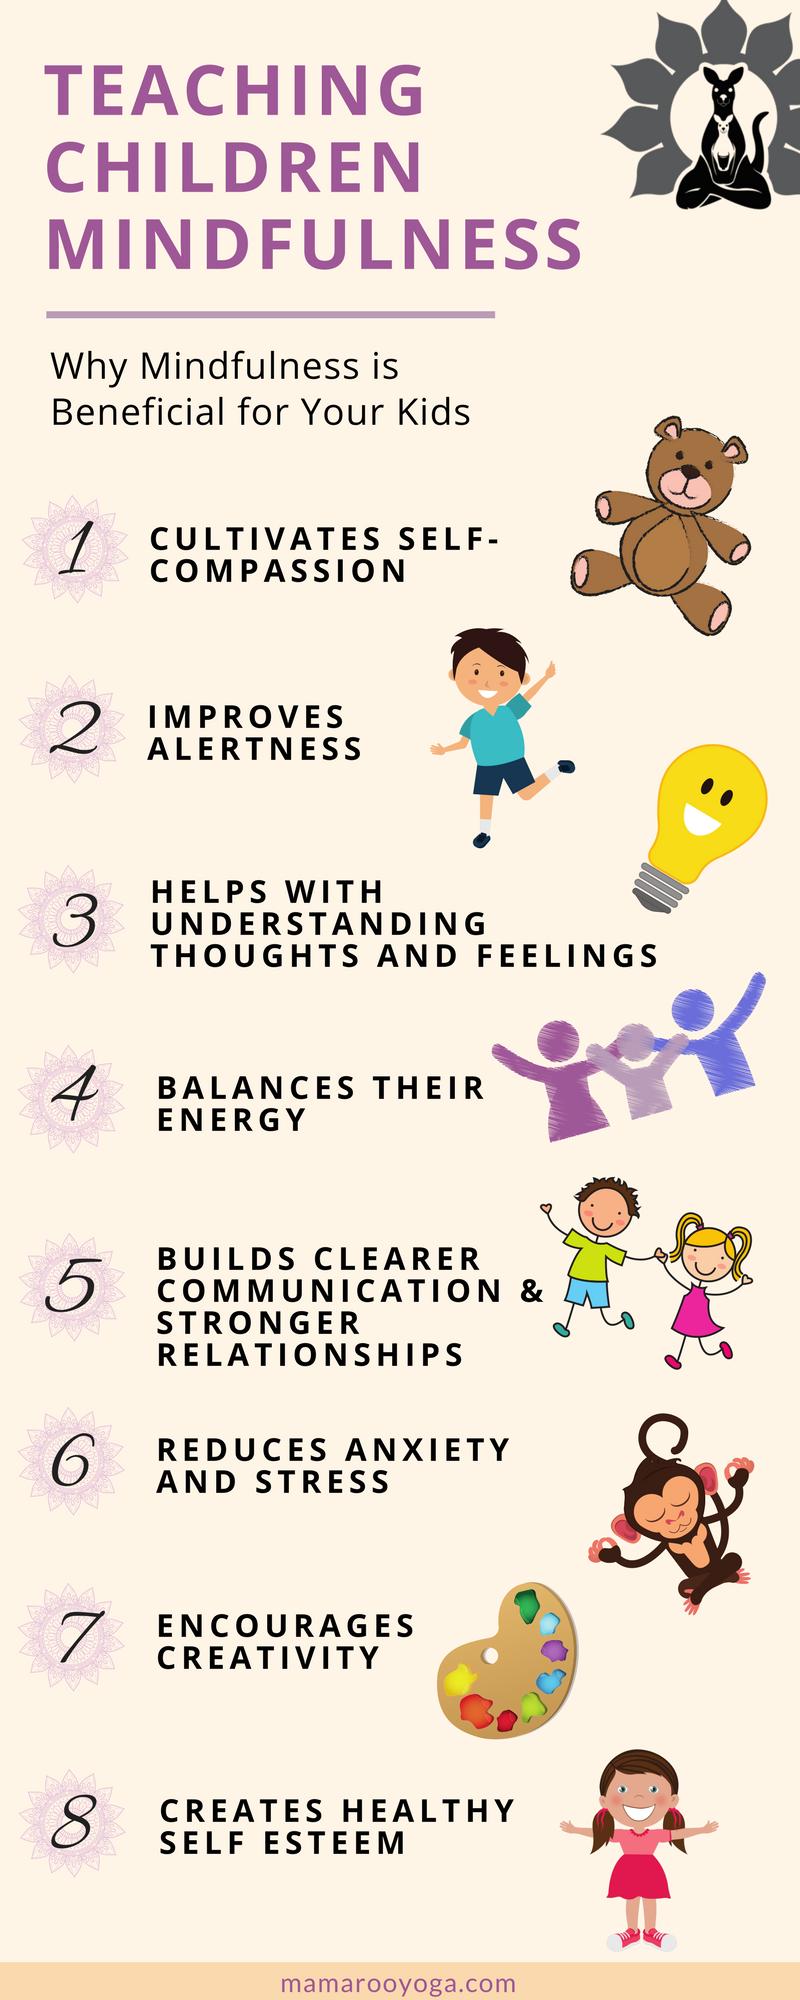 3+提示,教导你的孩子正念,赋予他们权力并带来现在的意识,并且随着他们的成长和开始选择他们的个人价值观。